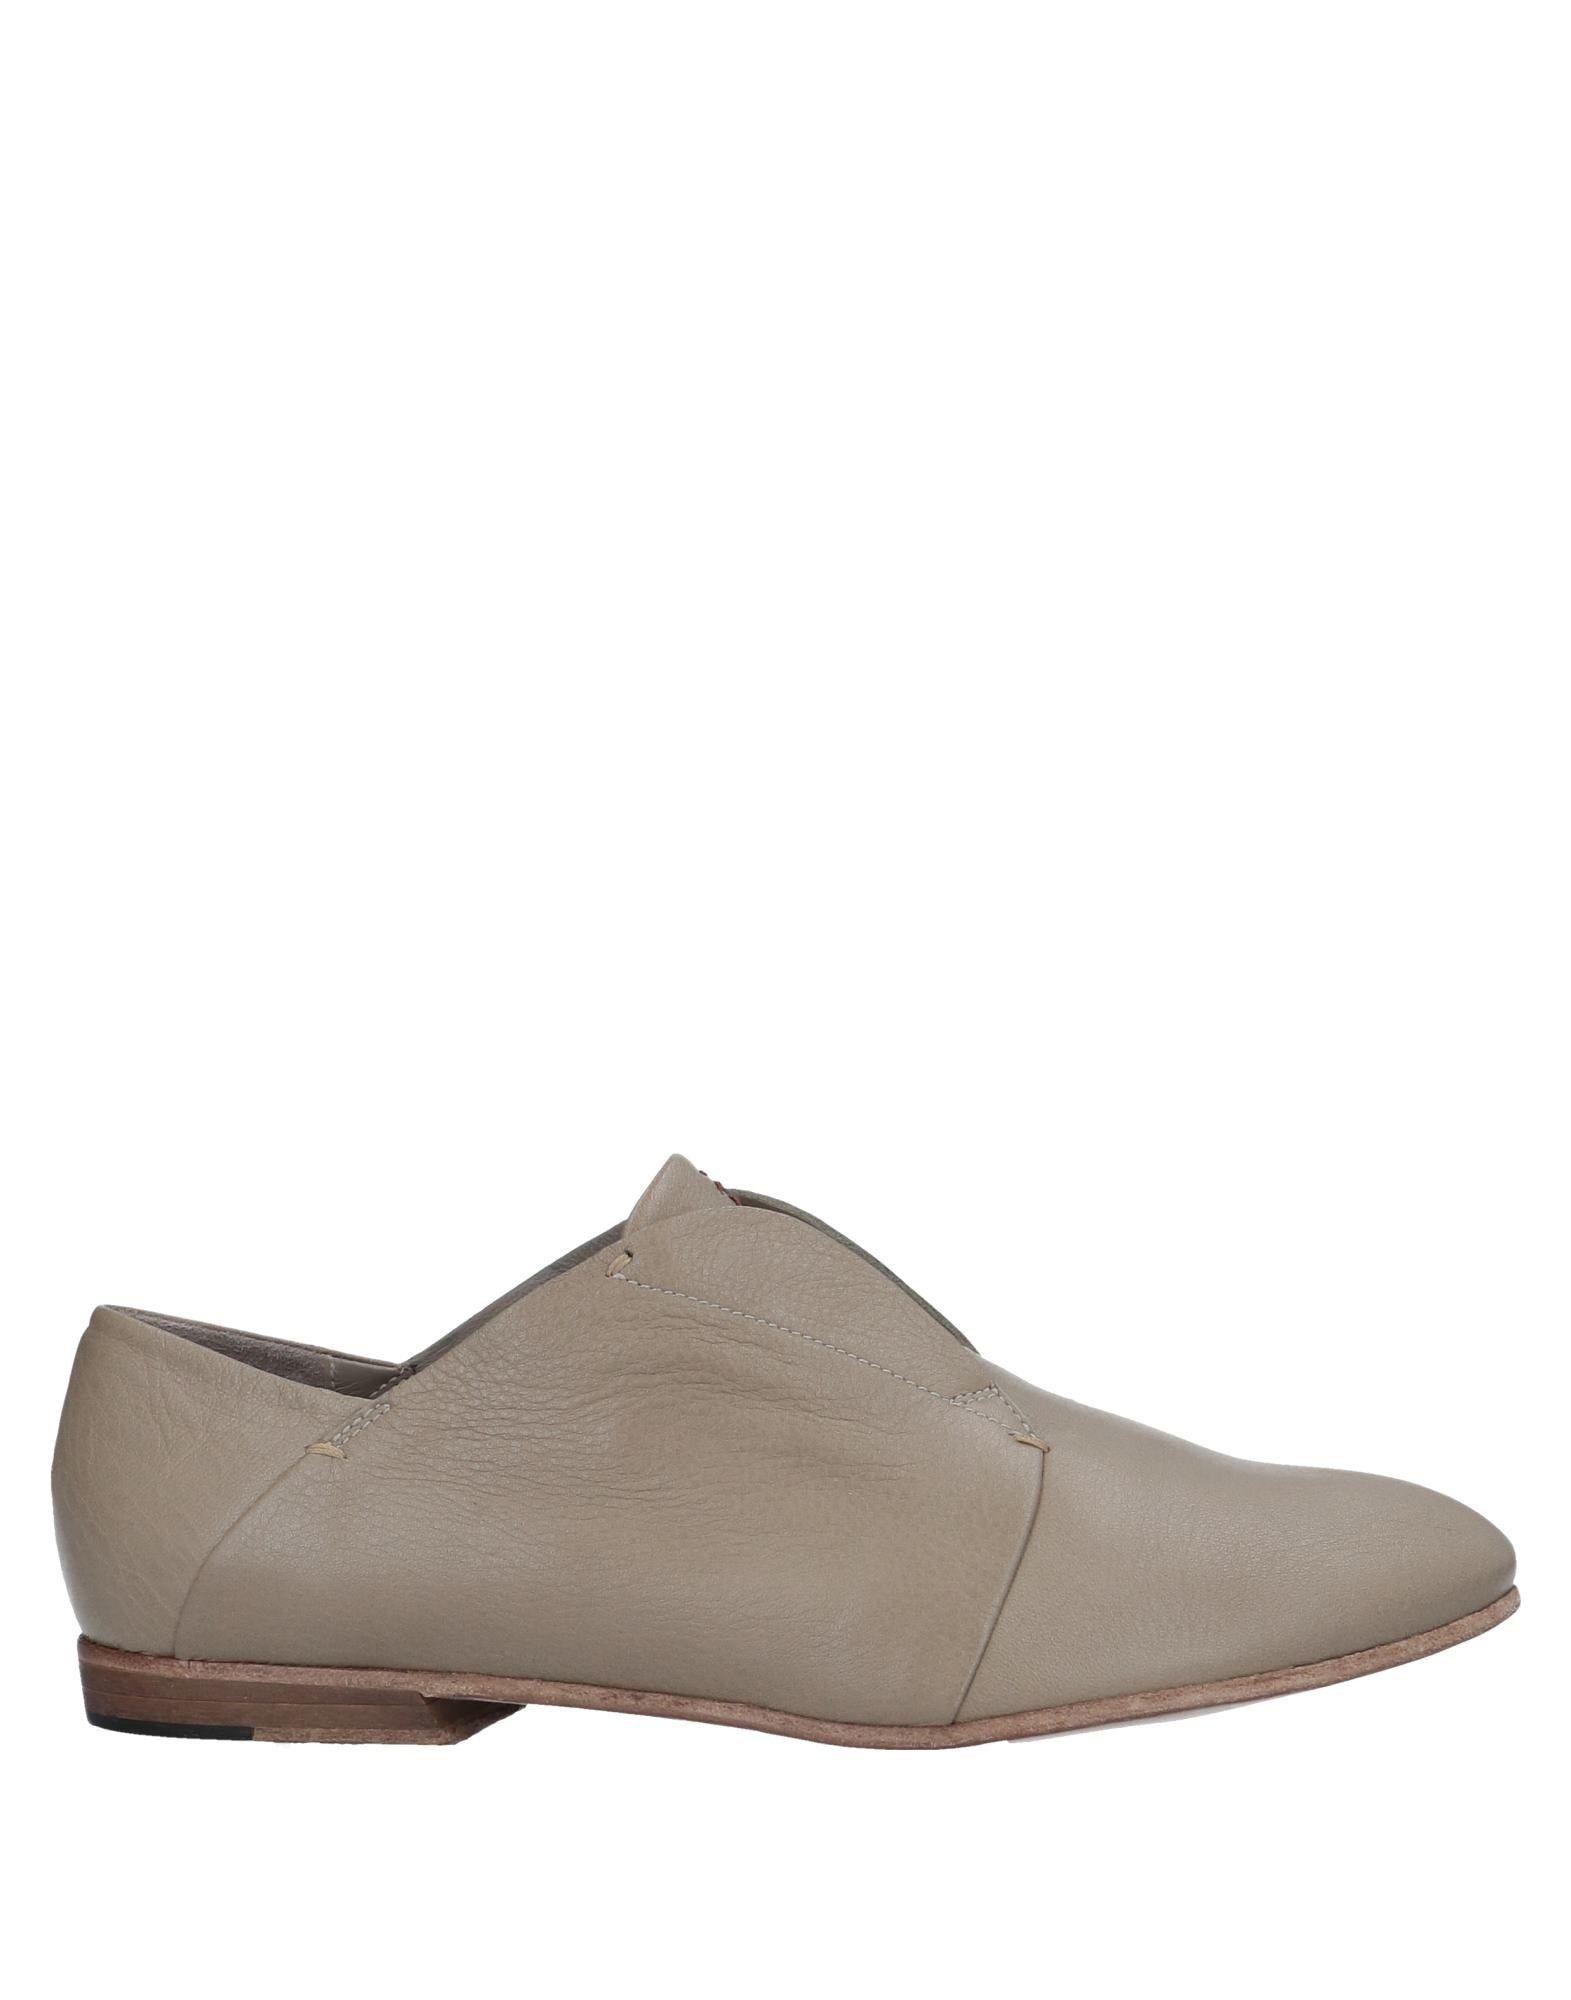 Rabatt Schuhe Henry Beguelin Mokassins Damen  11508503LD